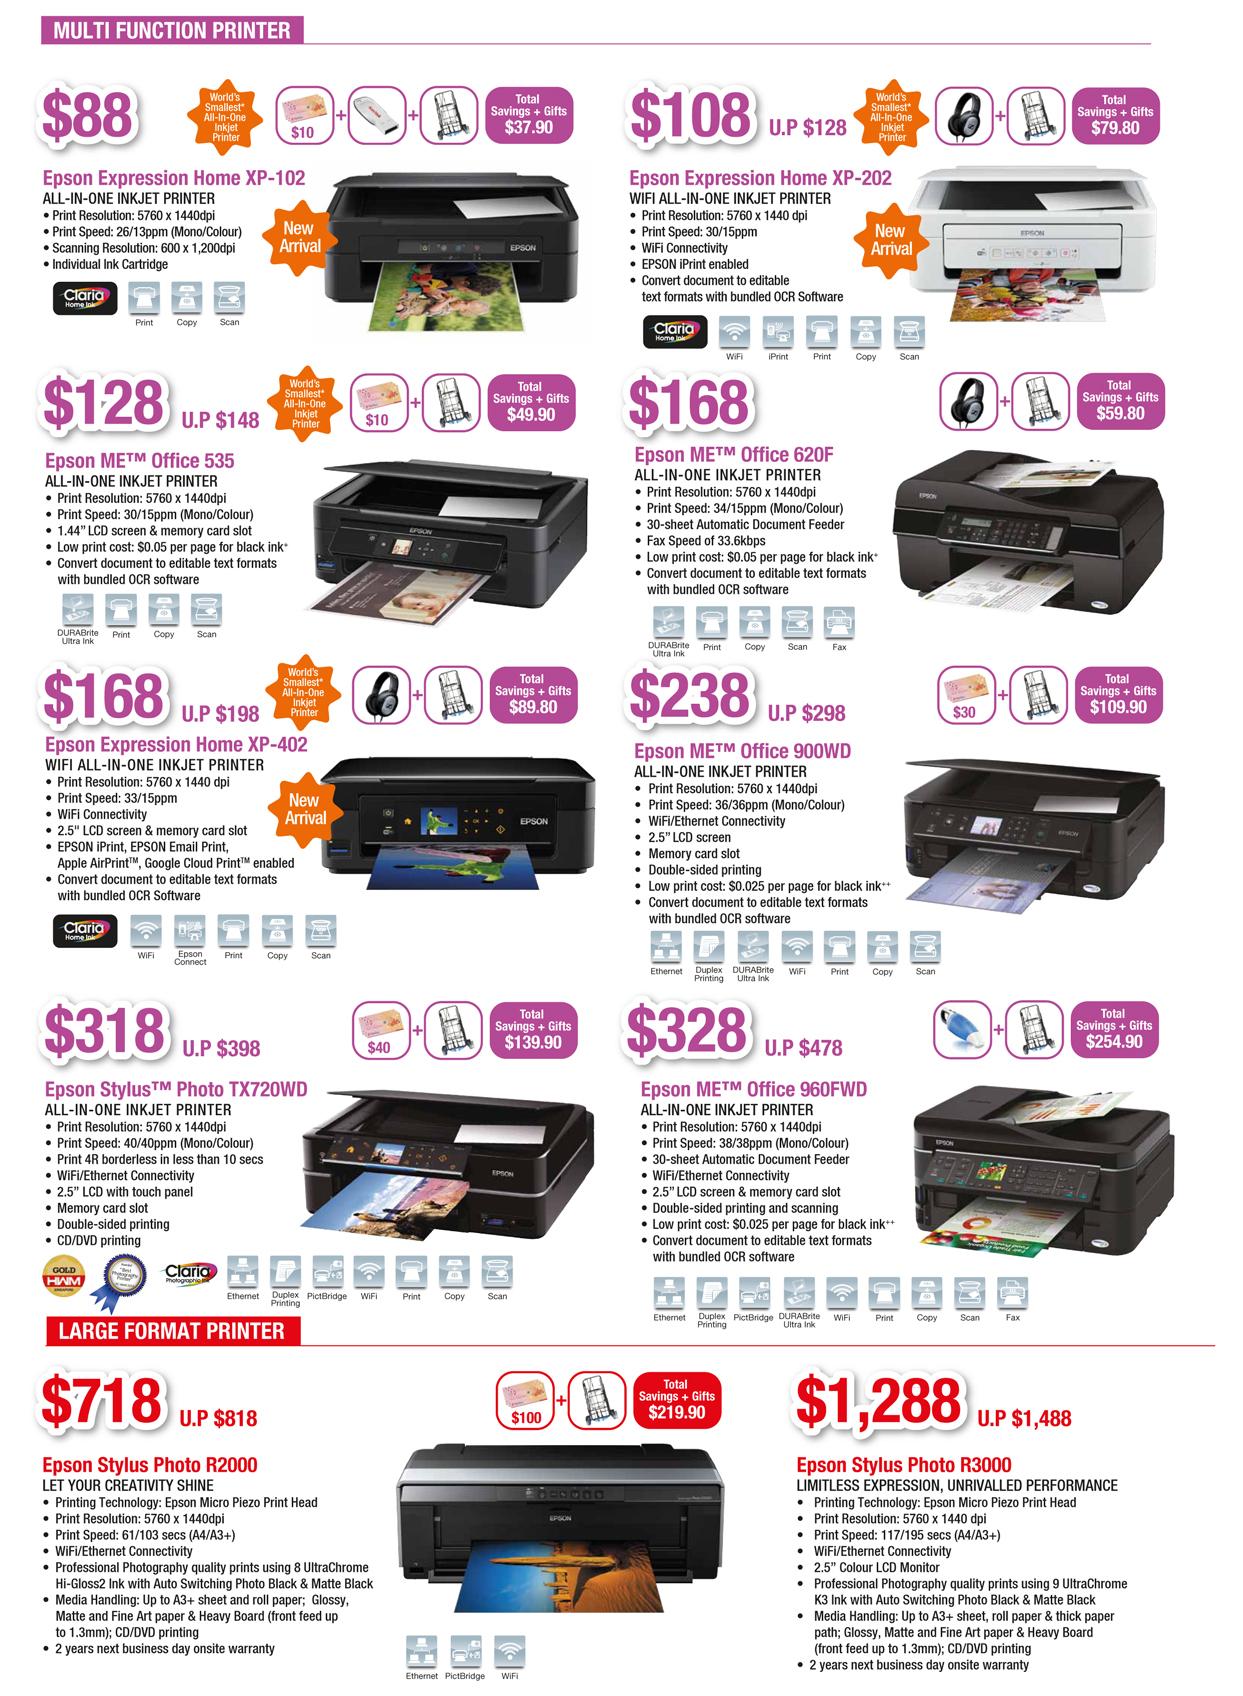 EPSON COMEX 2012 Price List 3